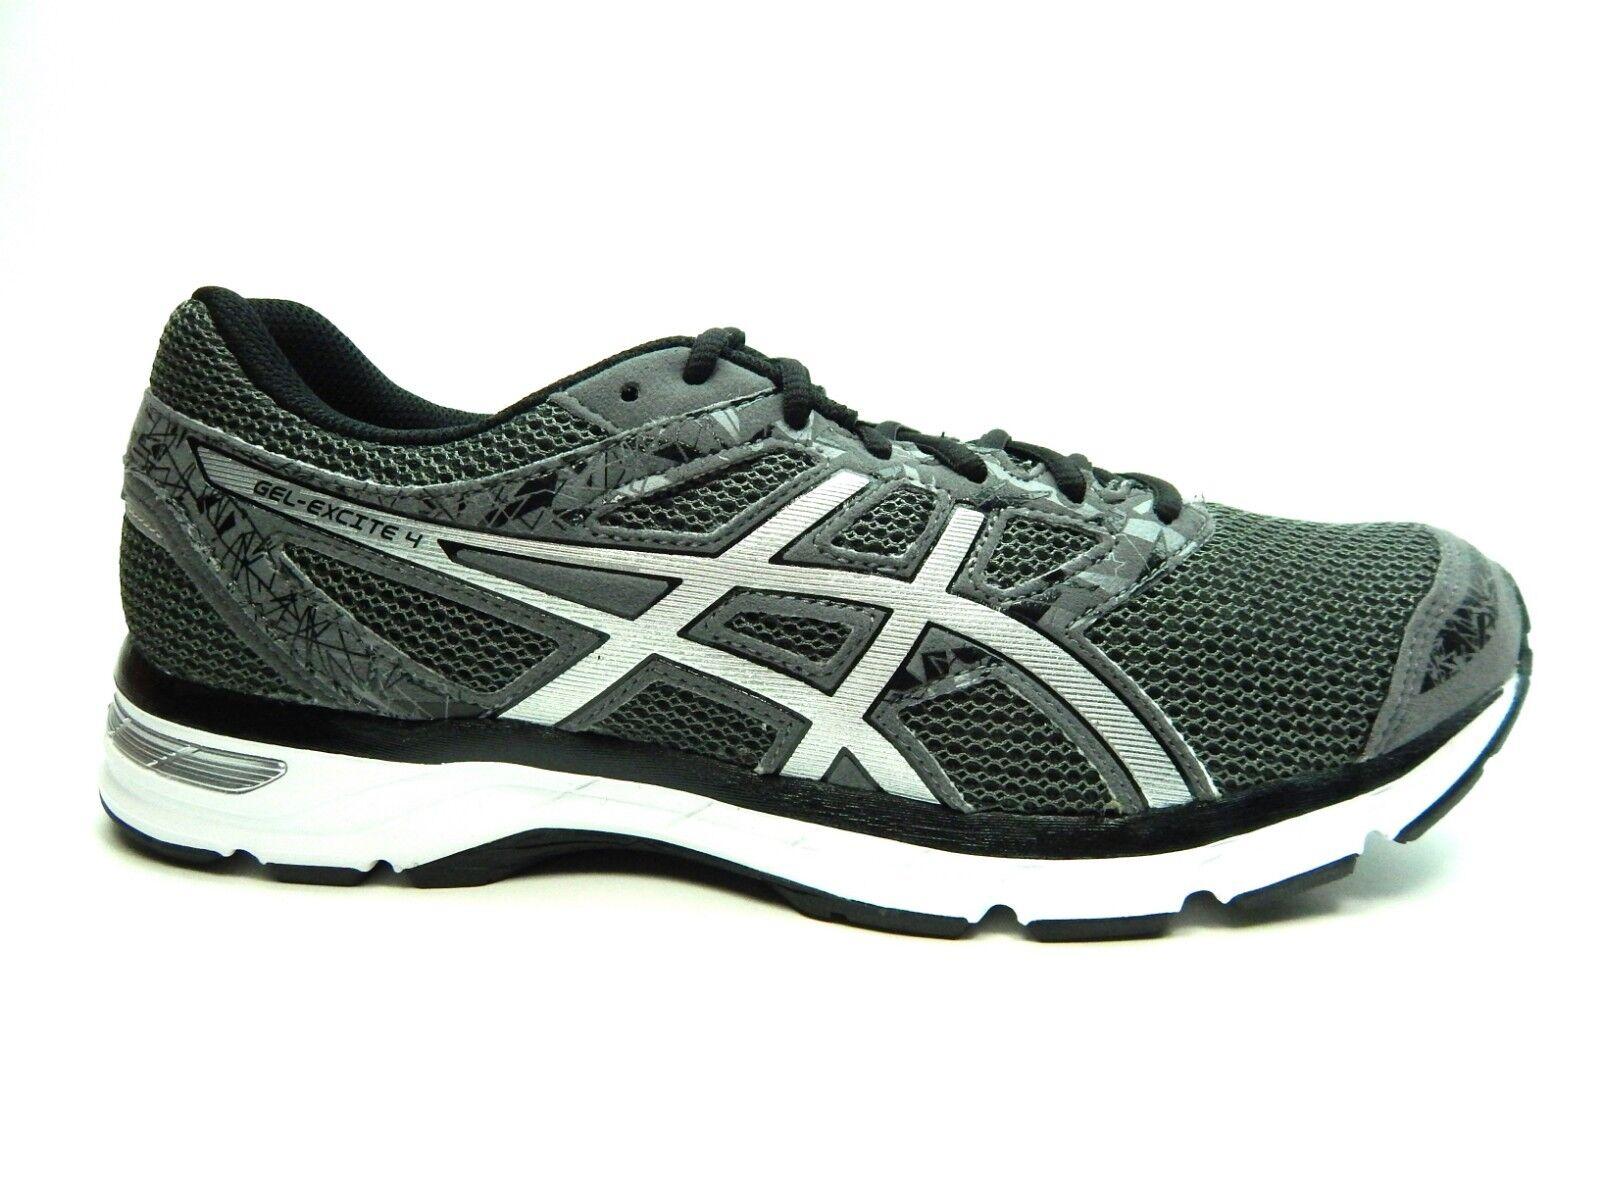 ASICS Gel Excite 4 Carbon silver black T6E3N-9793 Men shoes